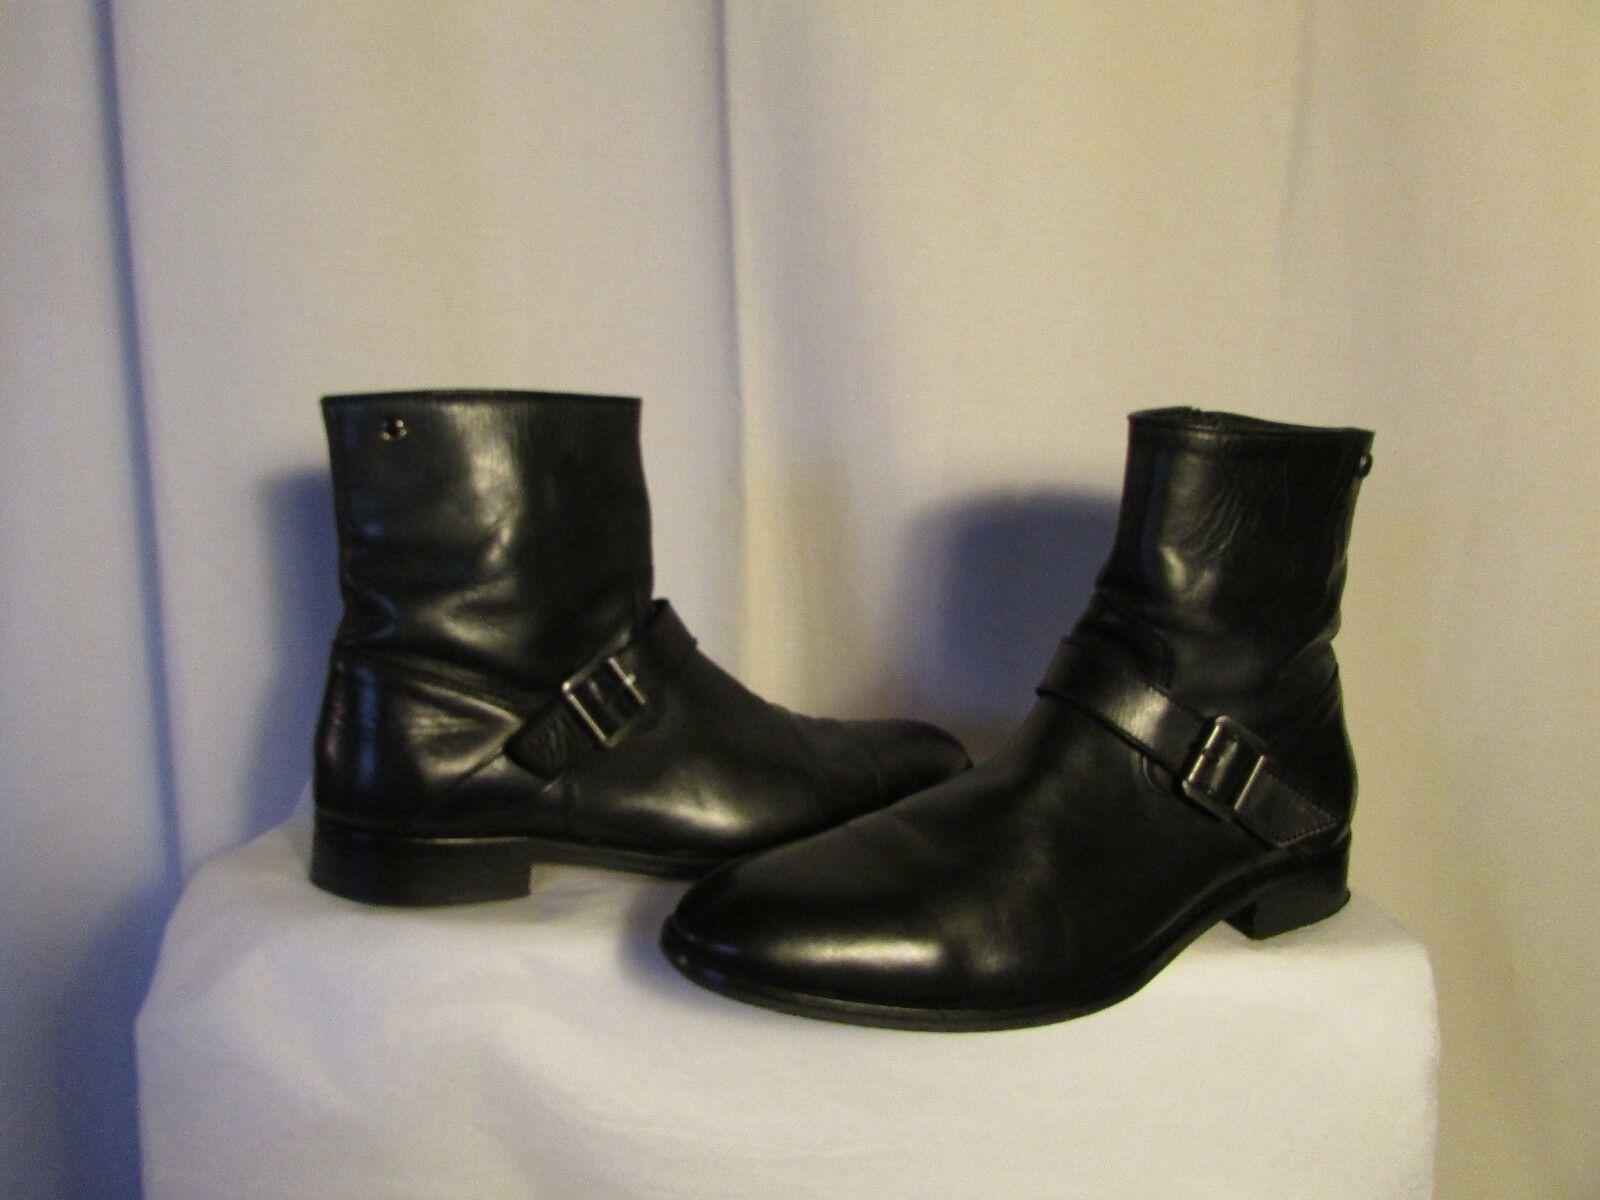 Stiefel Stiefletten IKKS schwarzes Leder 45